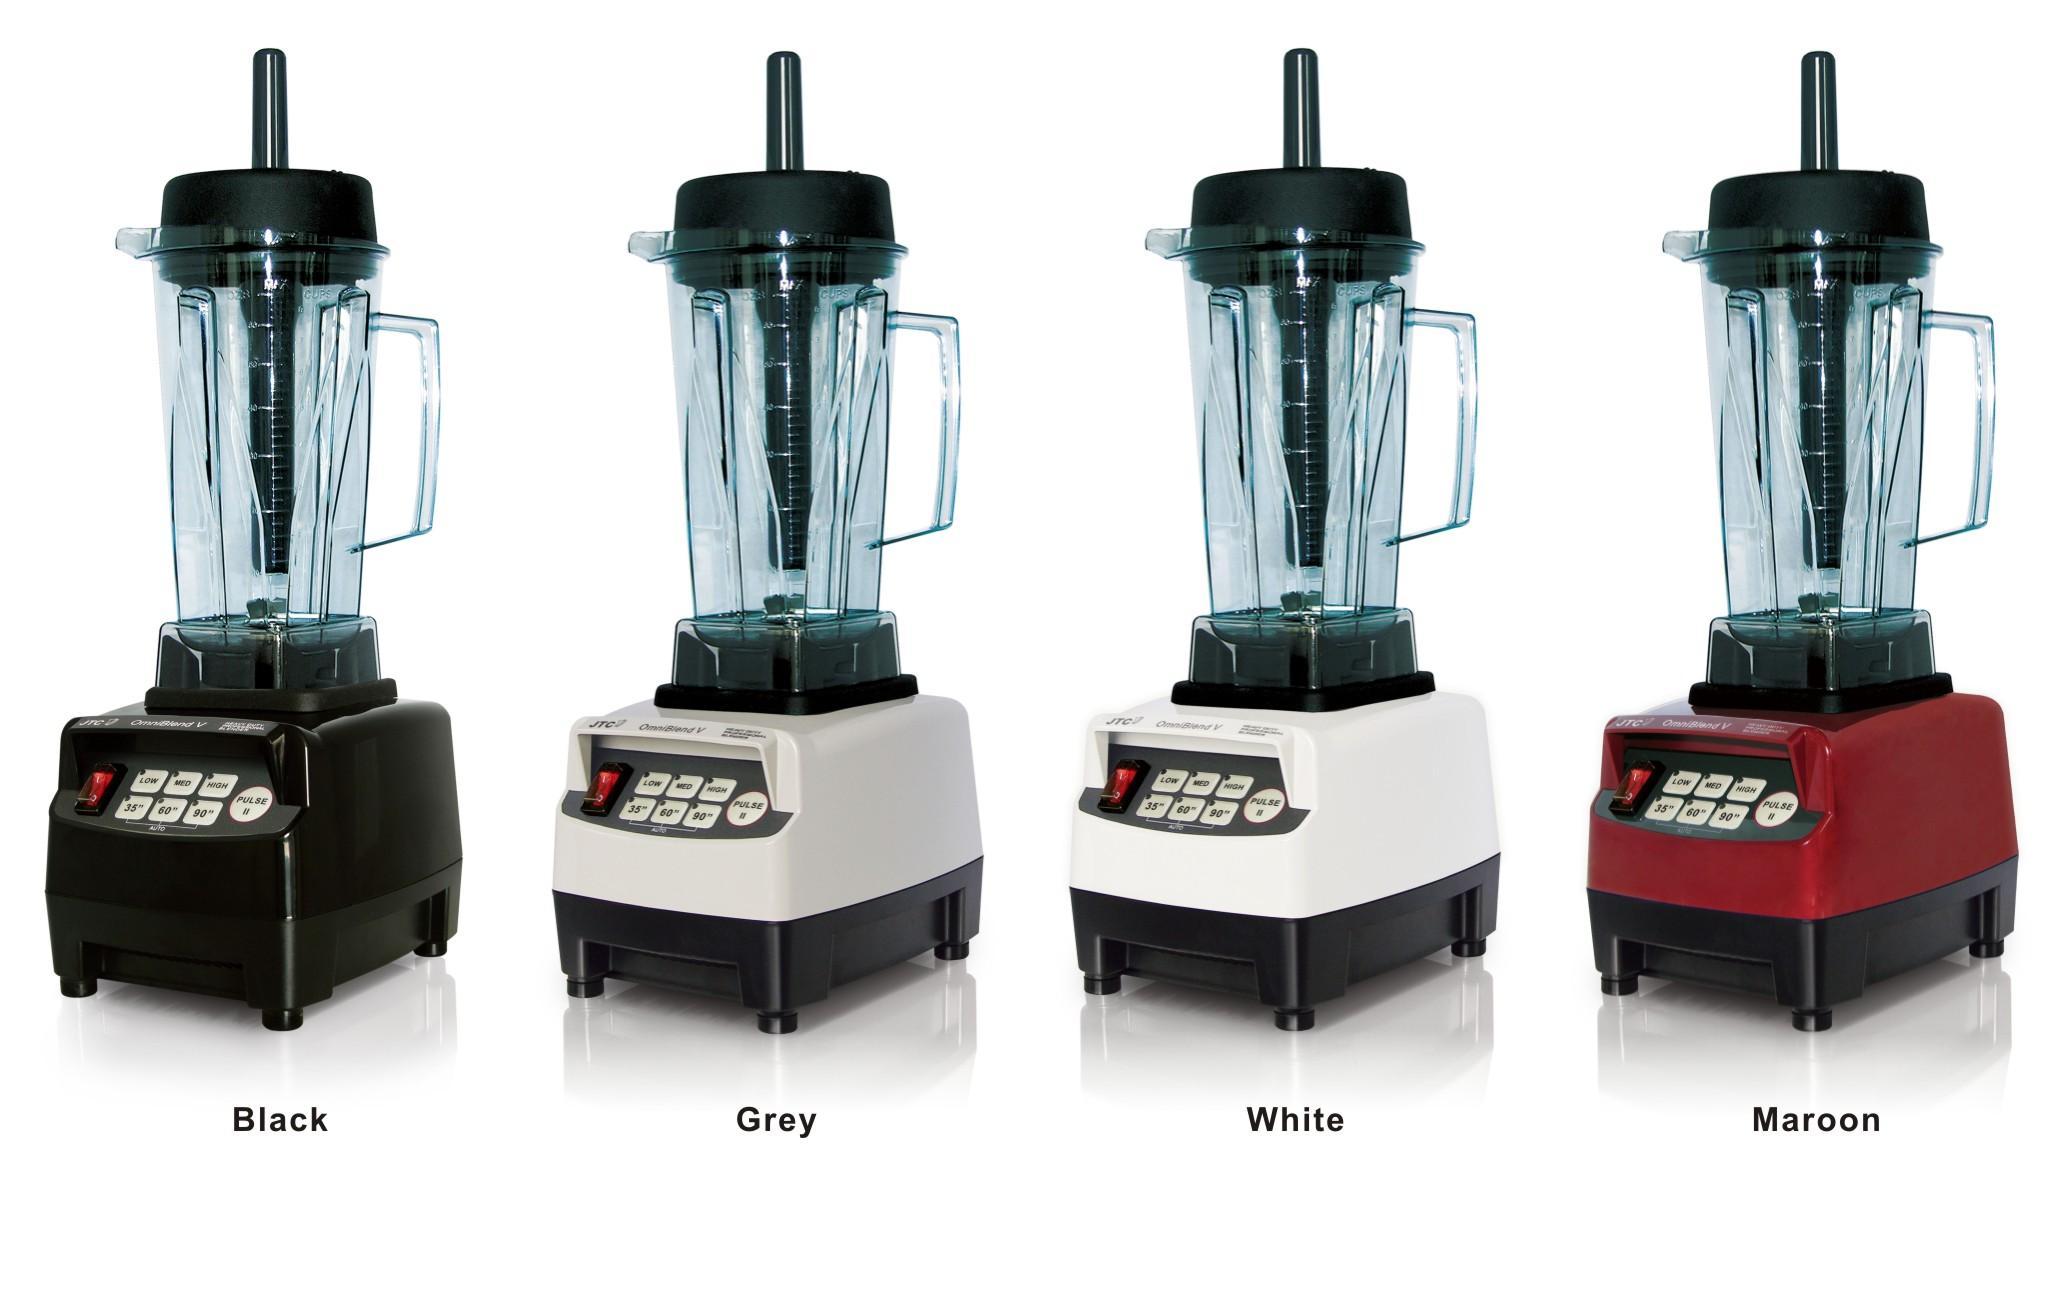 Multiuso JTC frullatore commerciale, Modello: TM-800, Nero, TRASPORTO LIBERO, 100% GARANTITO NO. 1 QUALITÀ IN TUTTO IL MONDO.